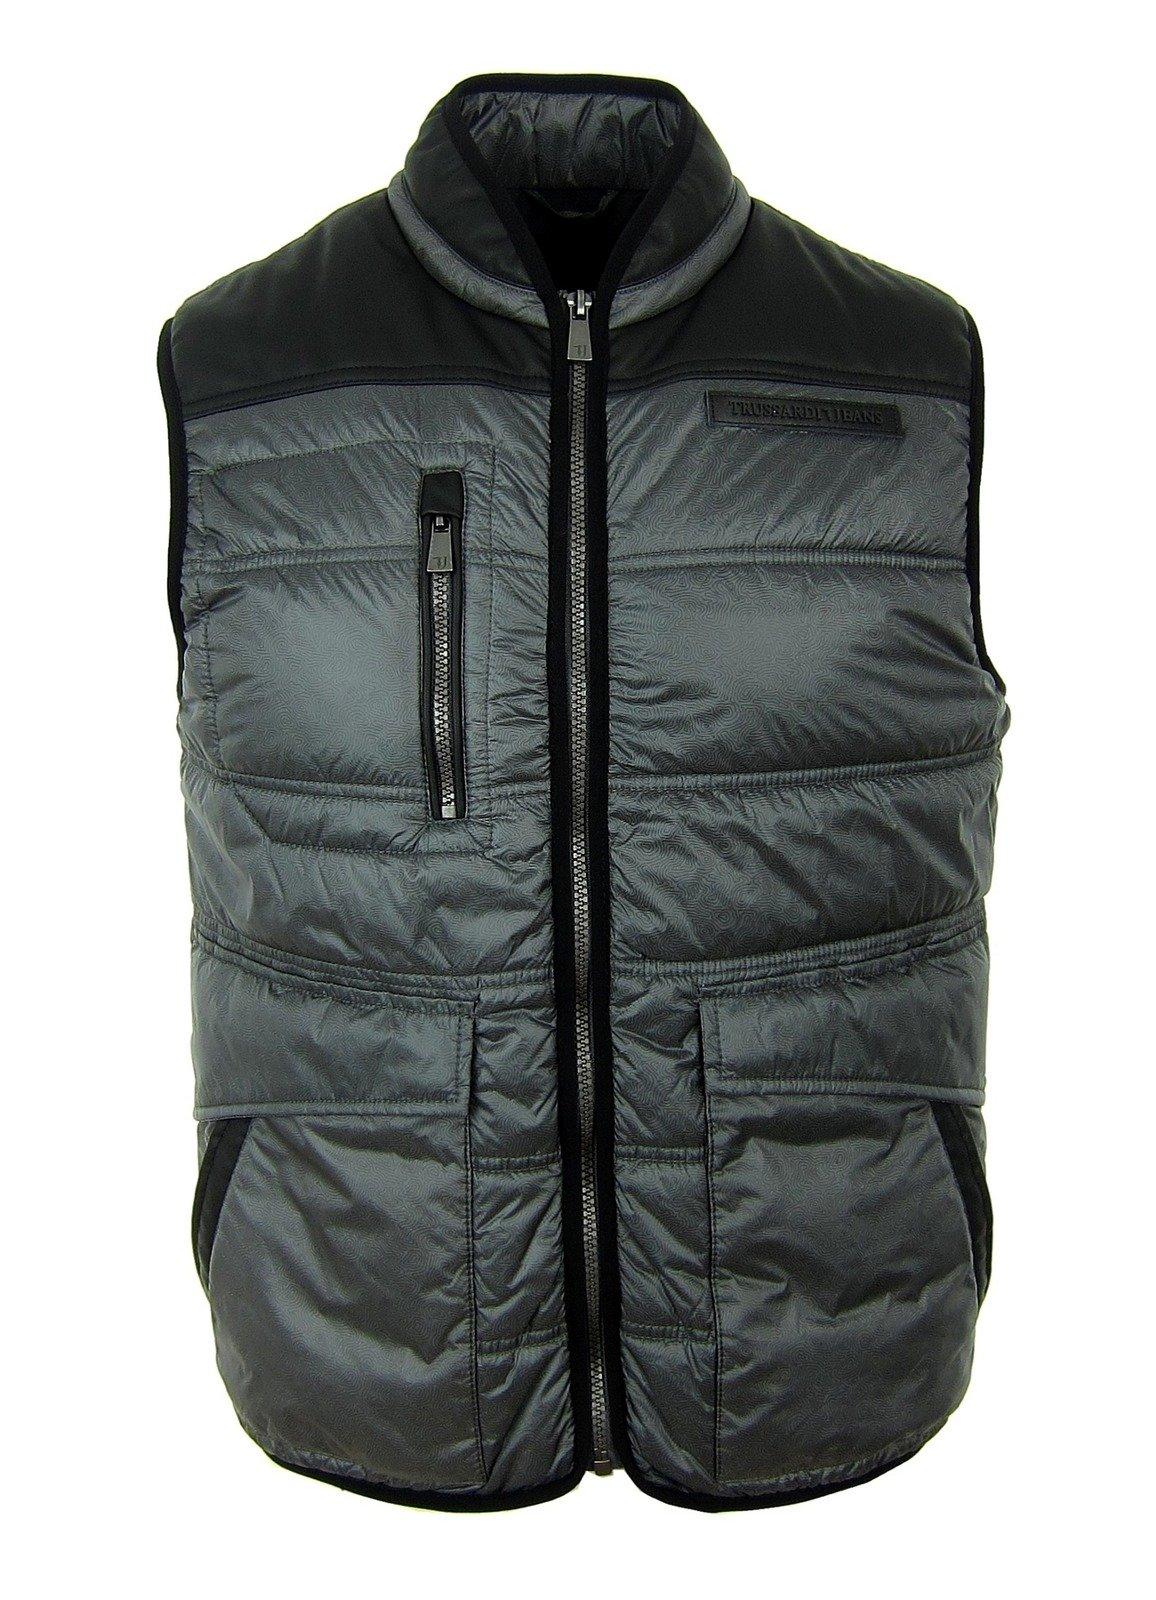 Trussardi Jacke Herren Grau 4952s51 Warm Jeans Men Vest Grey Weste Gilet OkXiPZTu